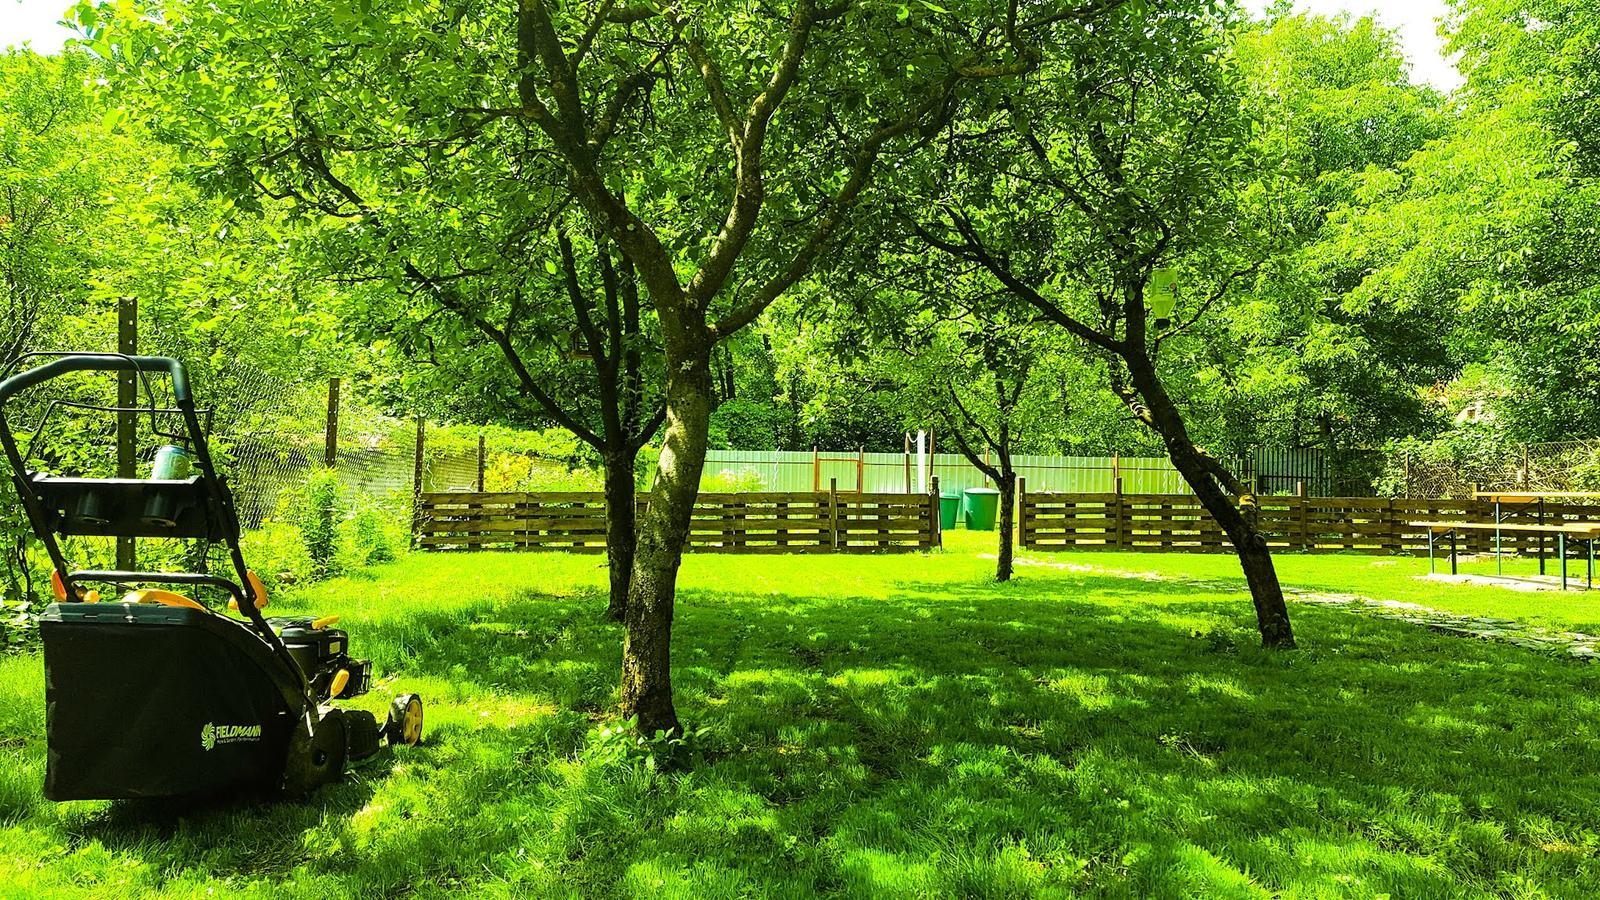 Zahrada a upravy okolo domu - bude z toho nieco